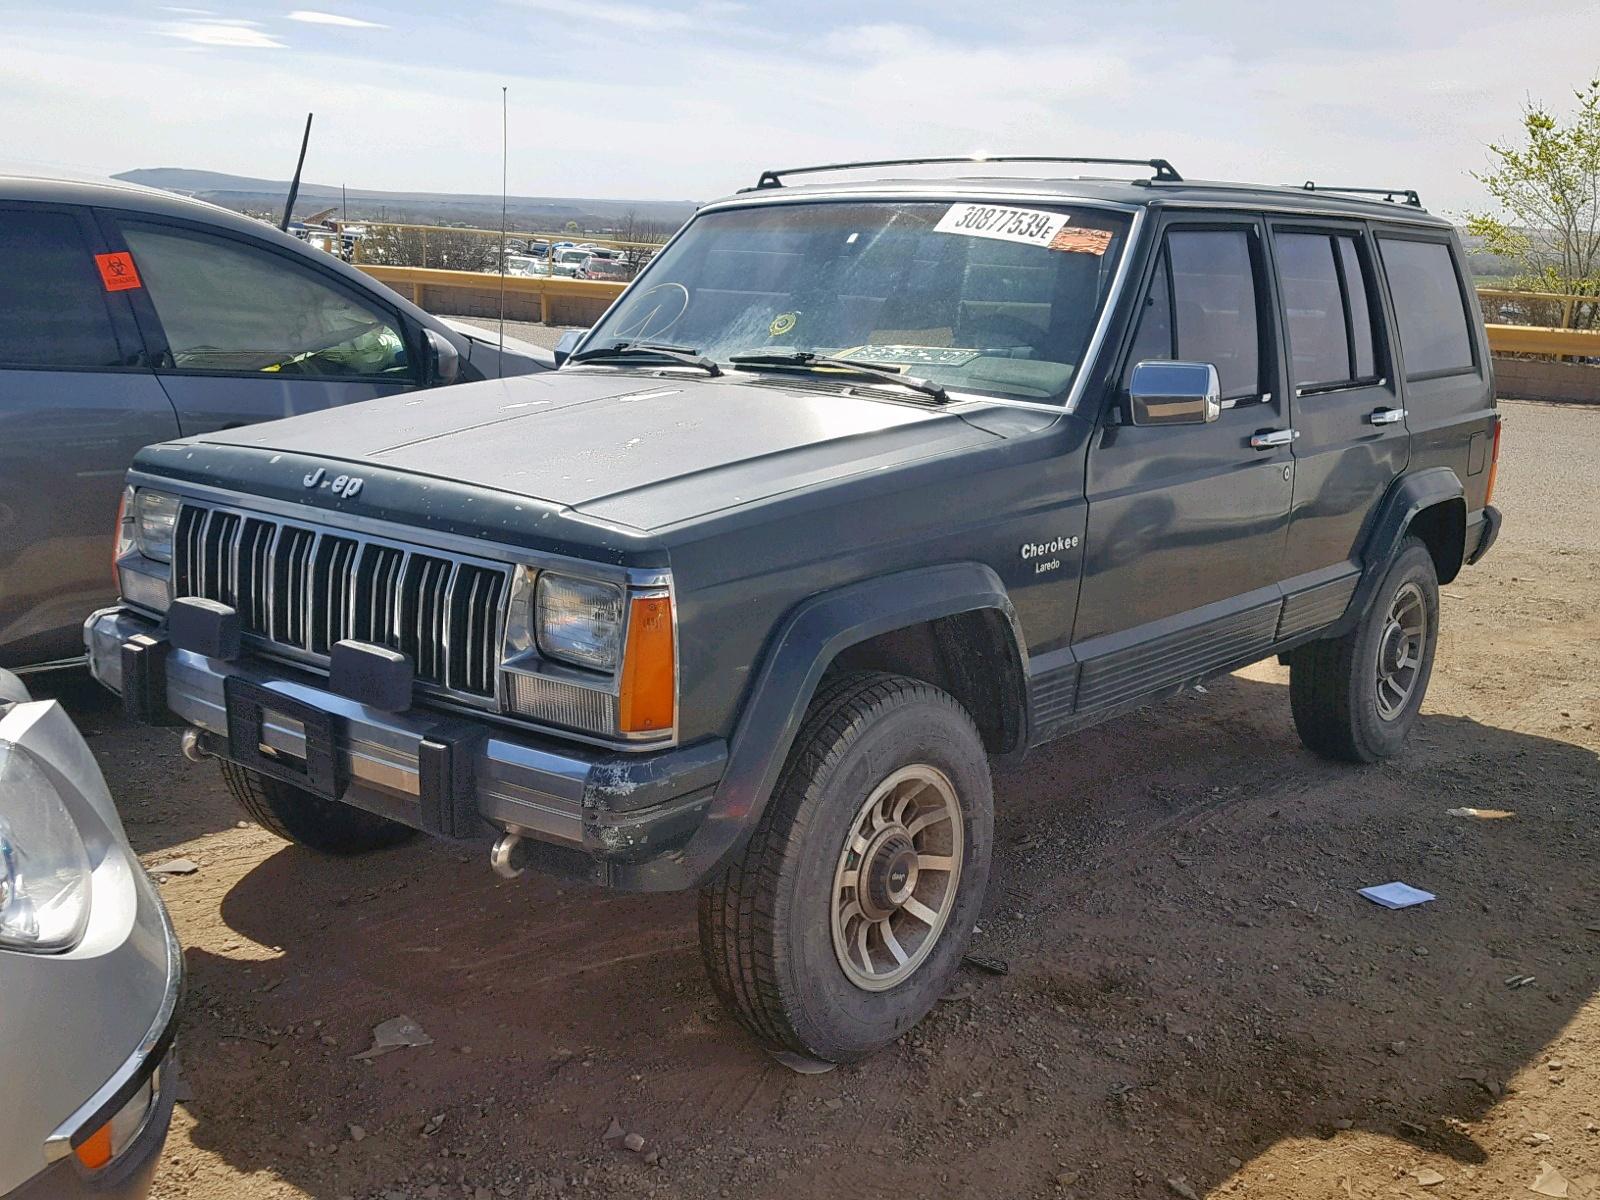 hight resolution of  1j4fj58l3kl526654 1989 jeep cherokee l 4 0l right view 1j4fj58l3kl526654